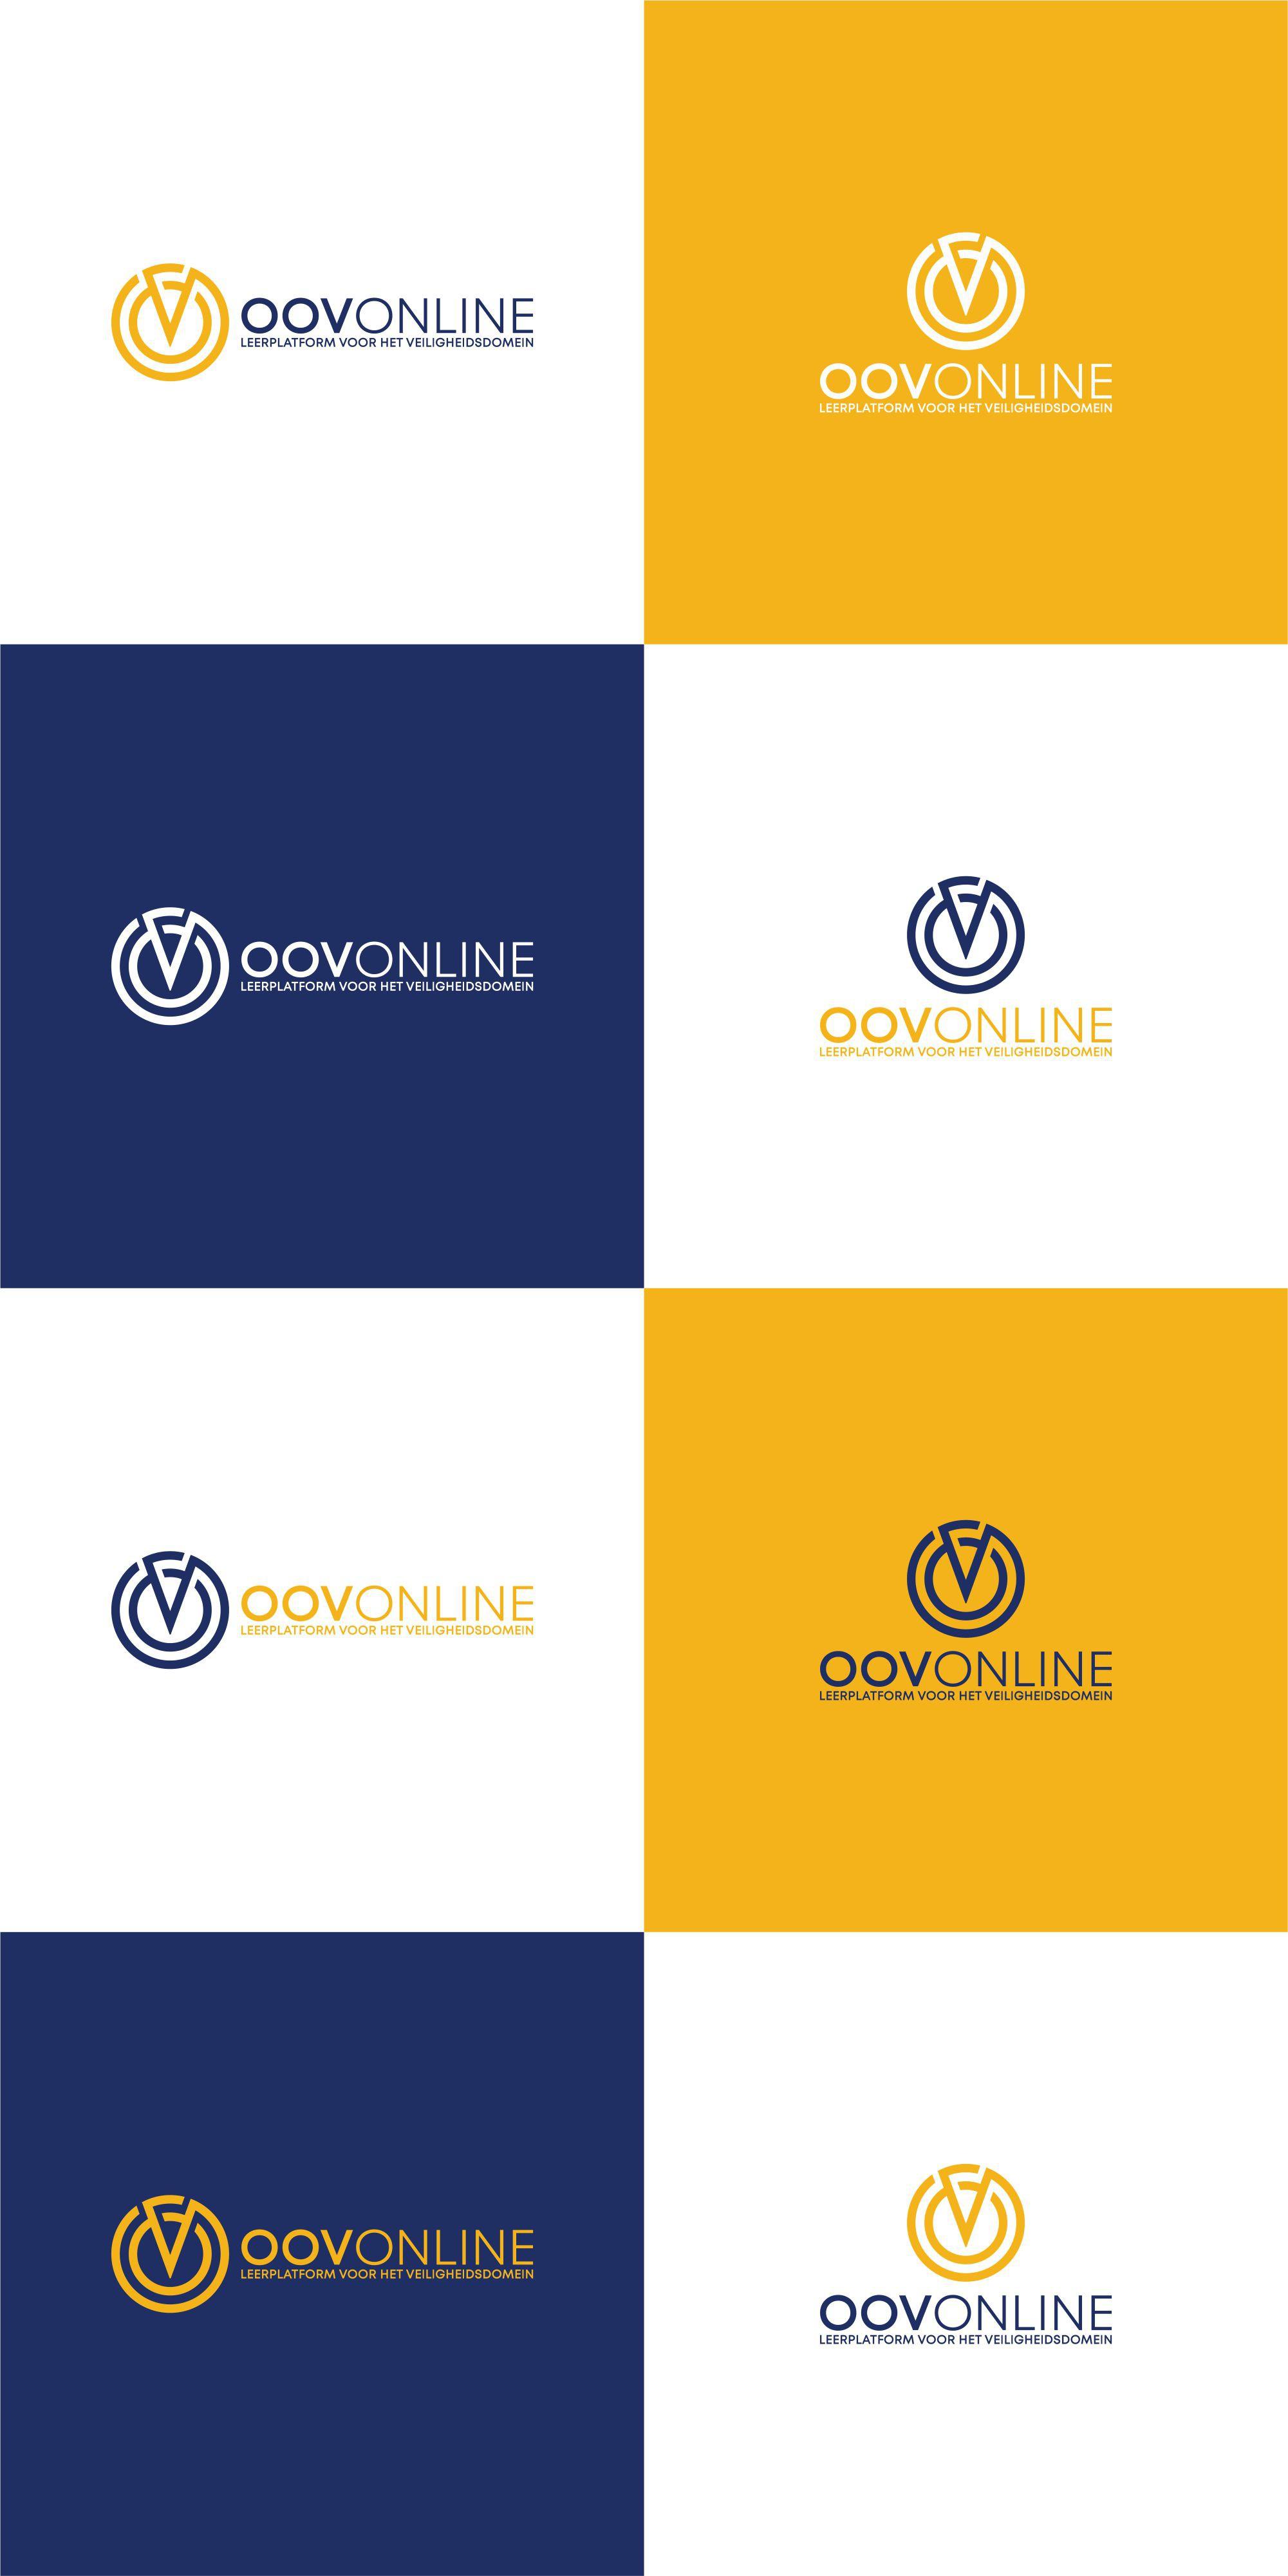 Maak Nederland veiliger: ontwerp het logo voor ons innovatieve platform OOV online!